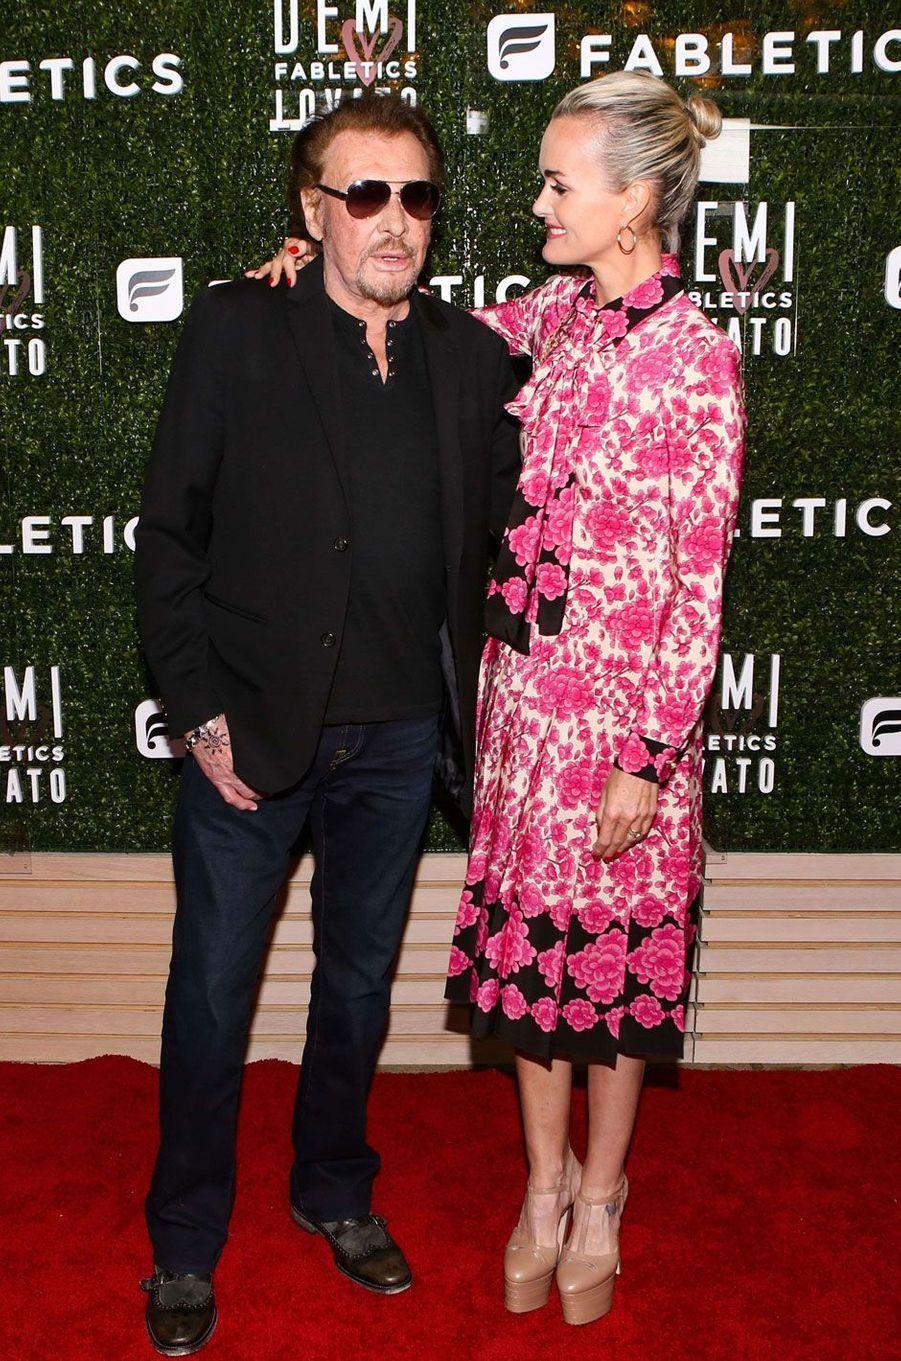 Johnny et Laeticia Hallyday, très amoureux à Hollywood.